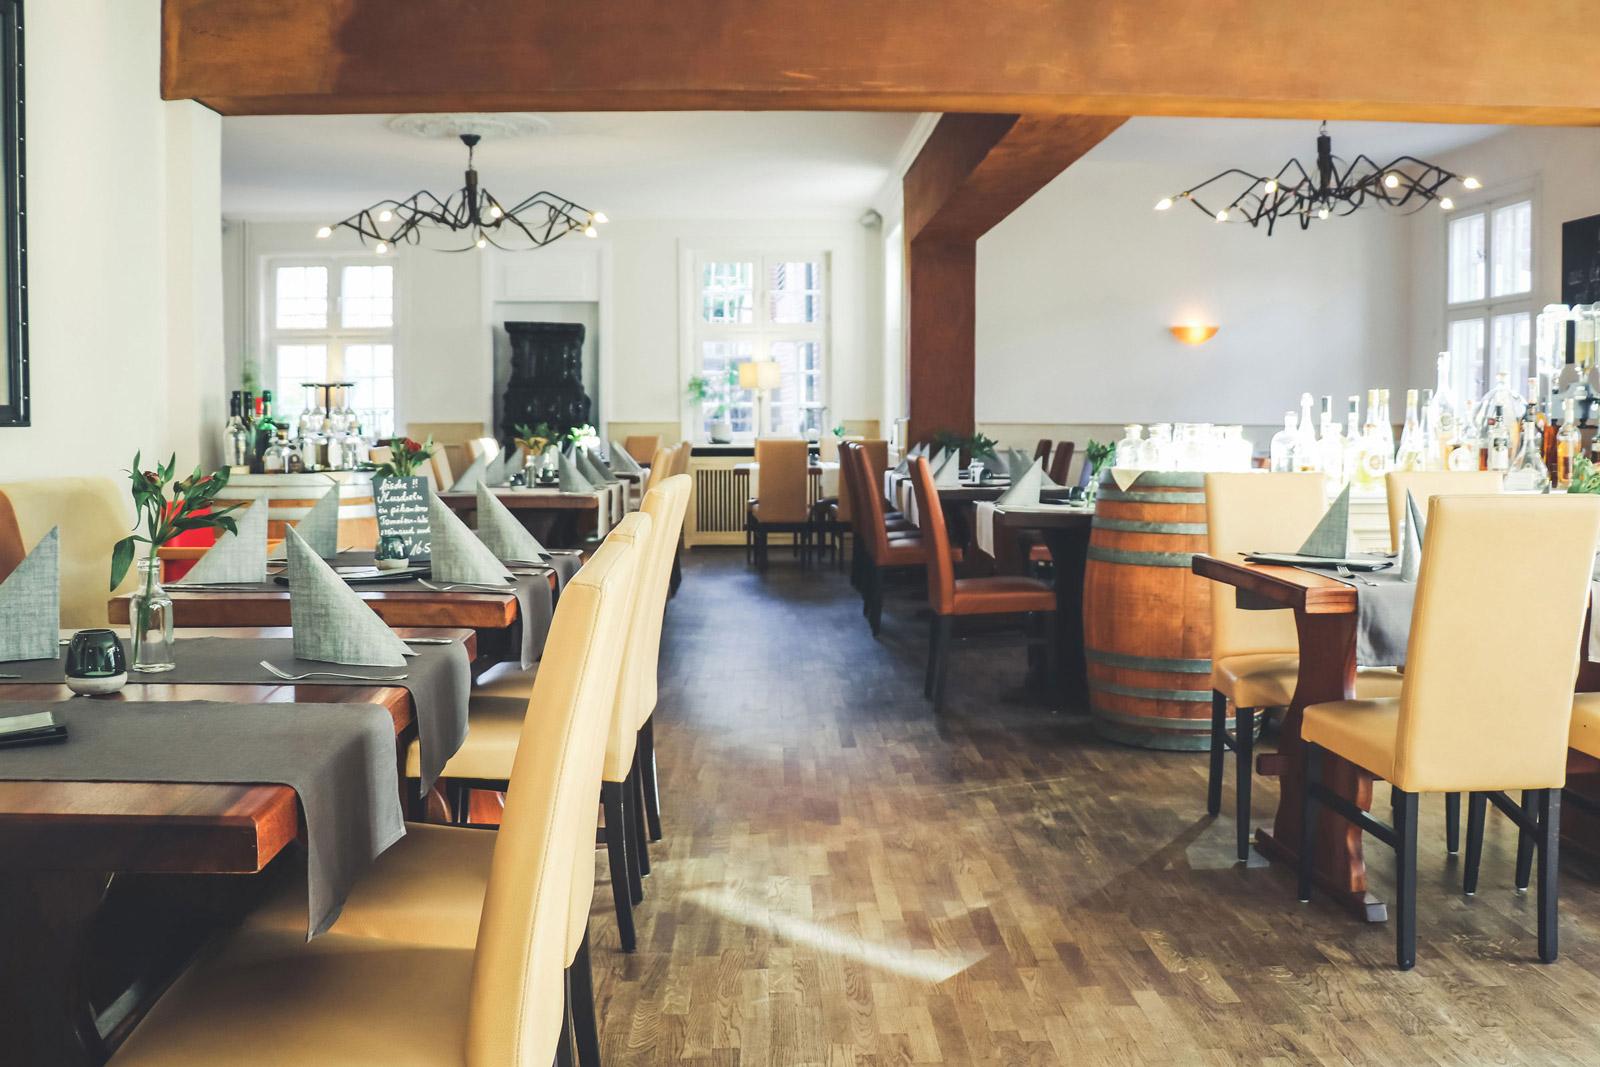 Doppeleiche_Restaurant_Pizzeria_Hotel_Fehmarn_Header_IMG_2_9625_1600_bearb.jpg